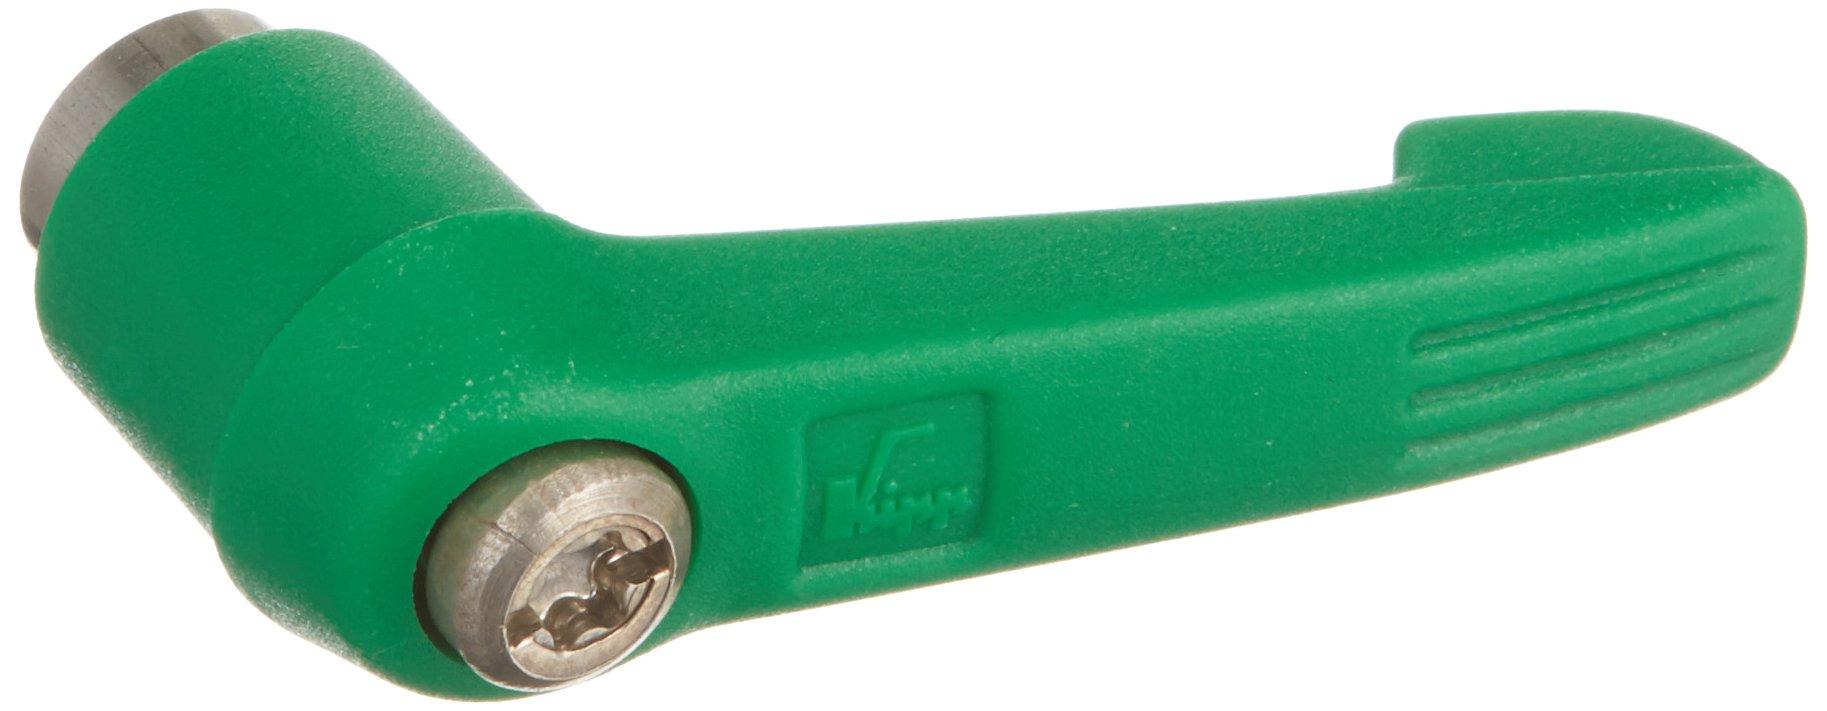 Kipp 06601-1A186 Fiberglass Reinforced